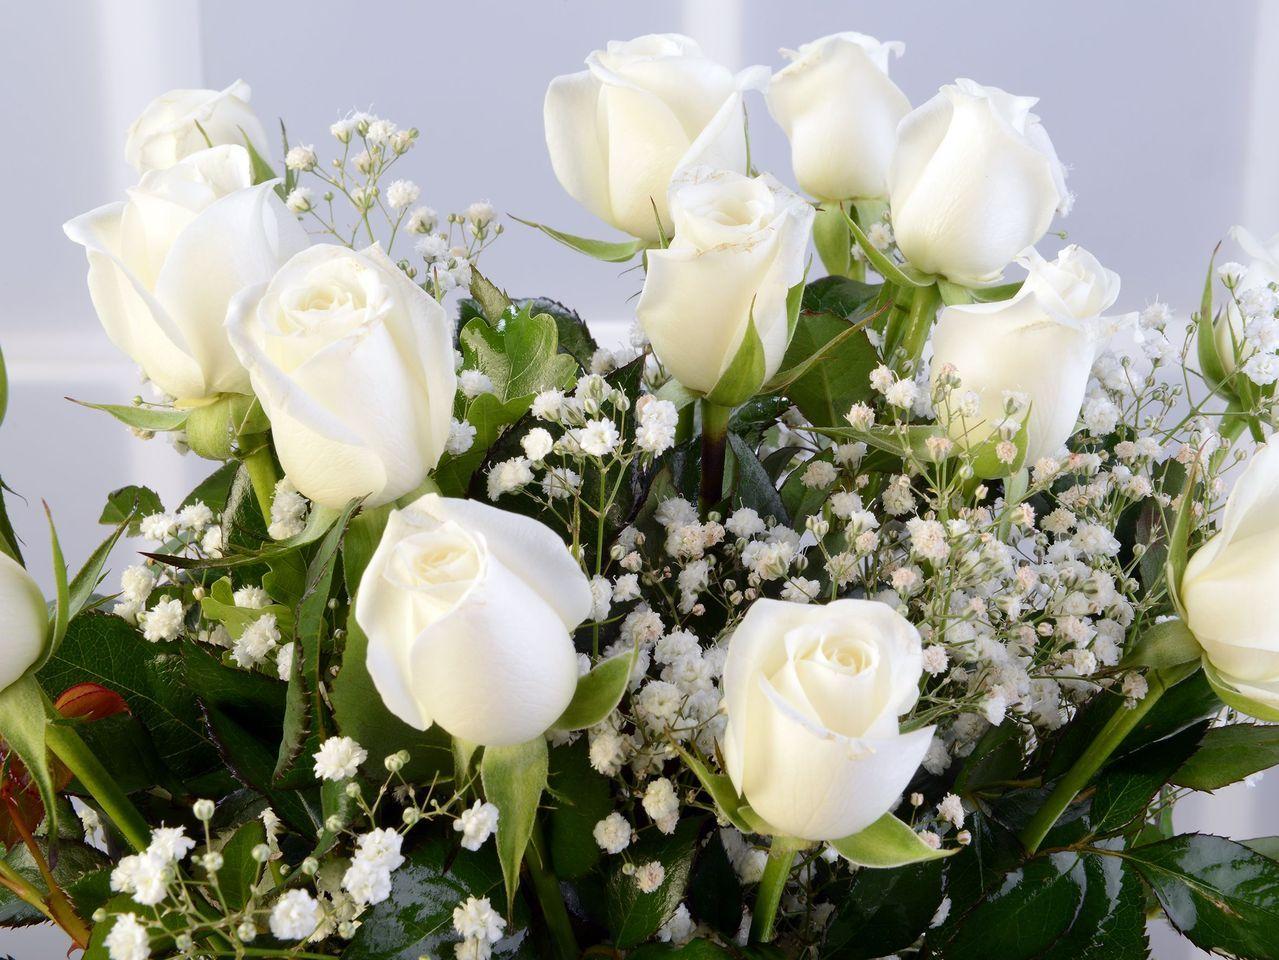 Amfora Camda 11 Beyaz Gül Aranjmanlar çiçek gönder